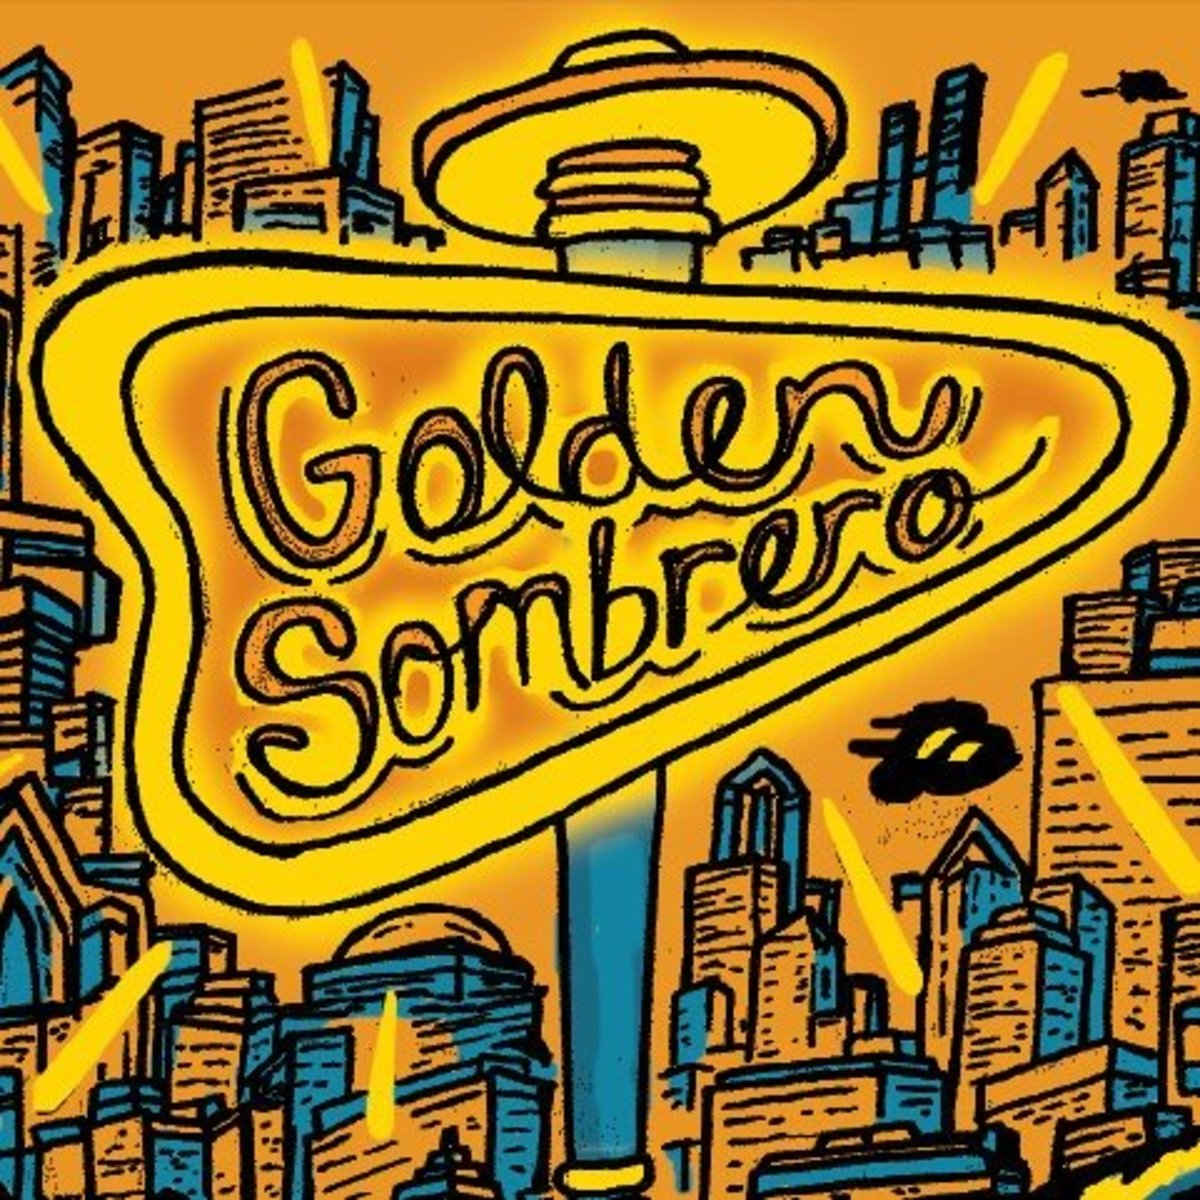 What Is the Golden Sombrero?